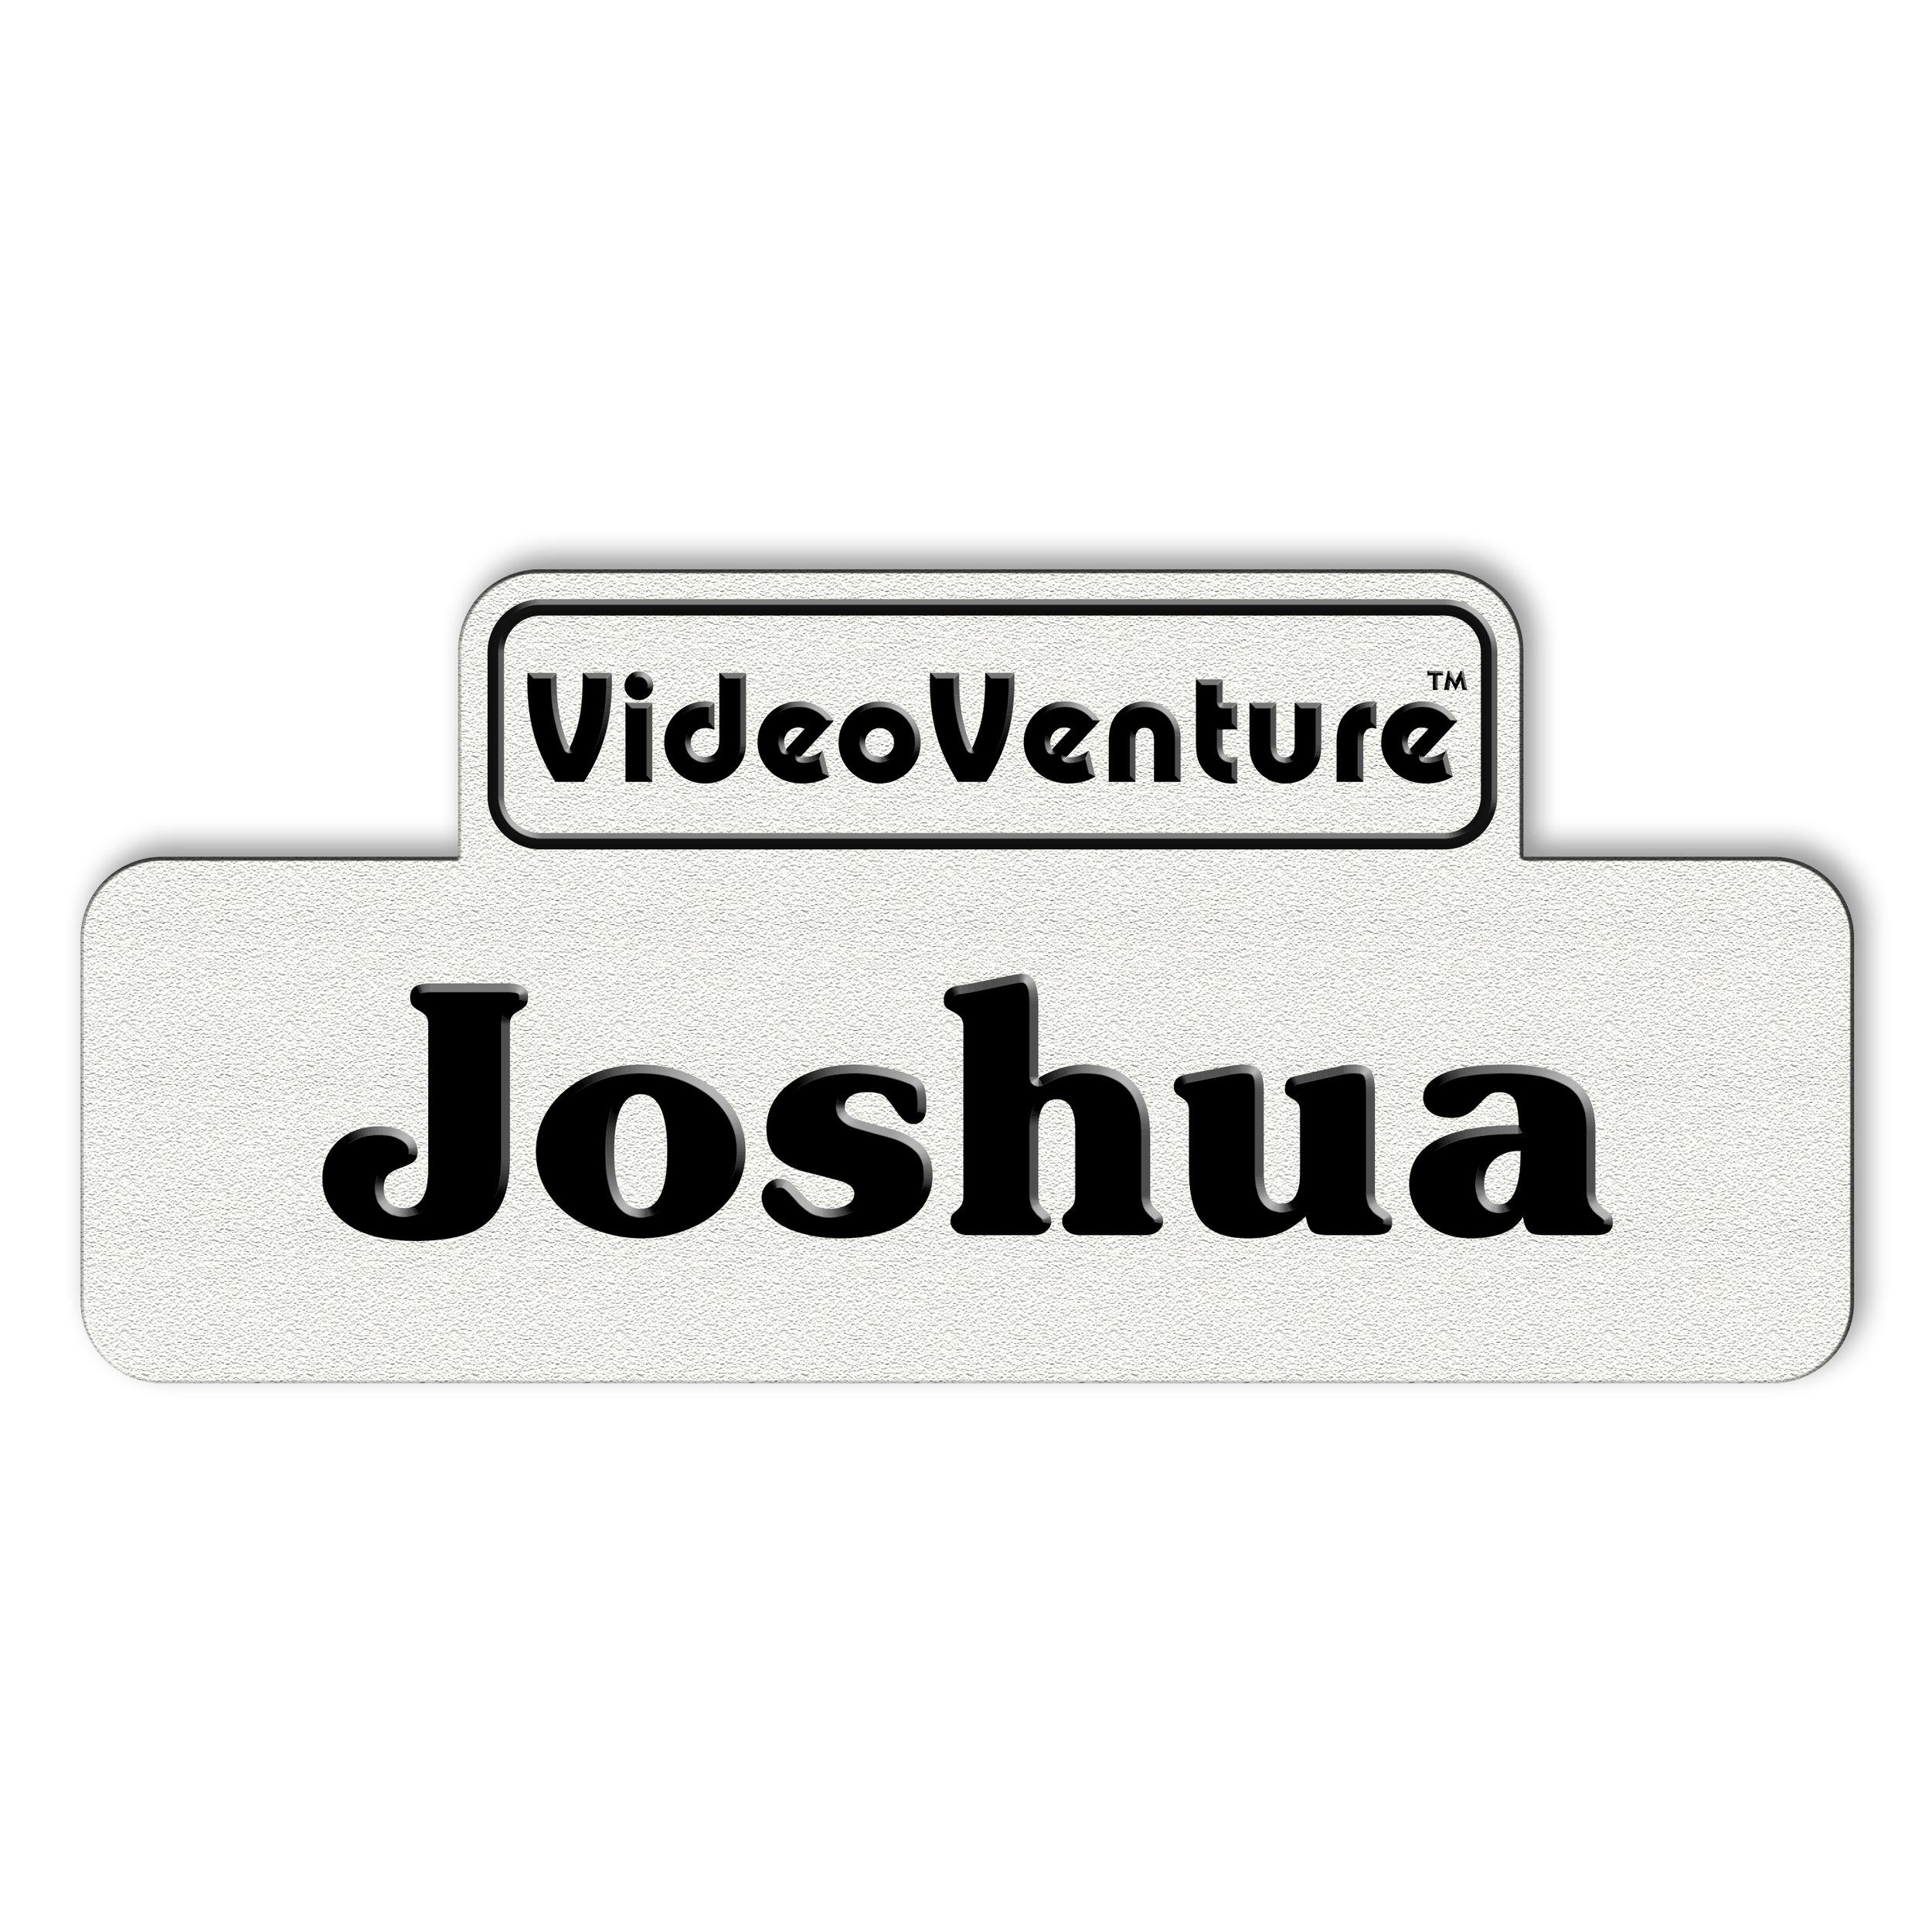 VideoVentureNametagWhite.jpg